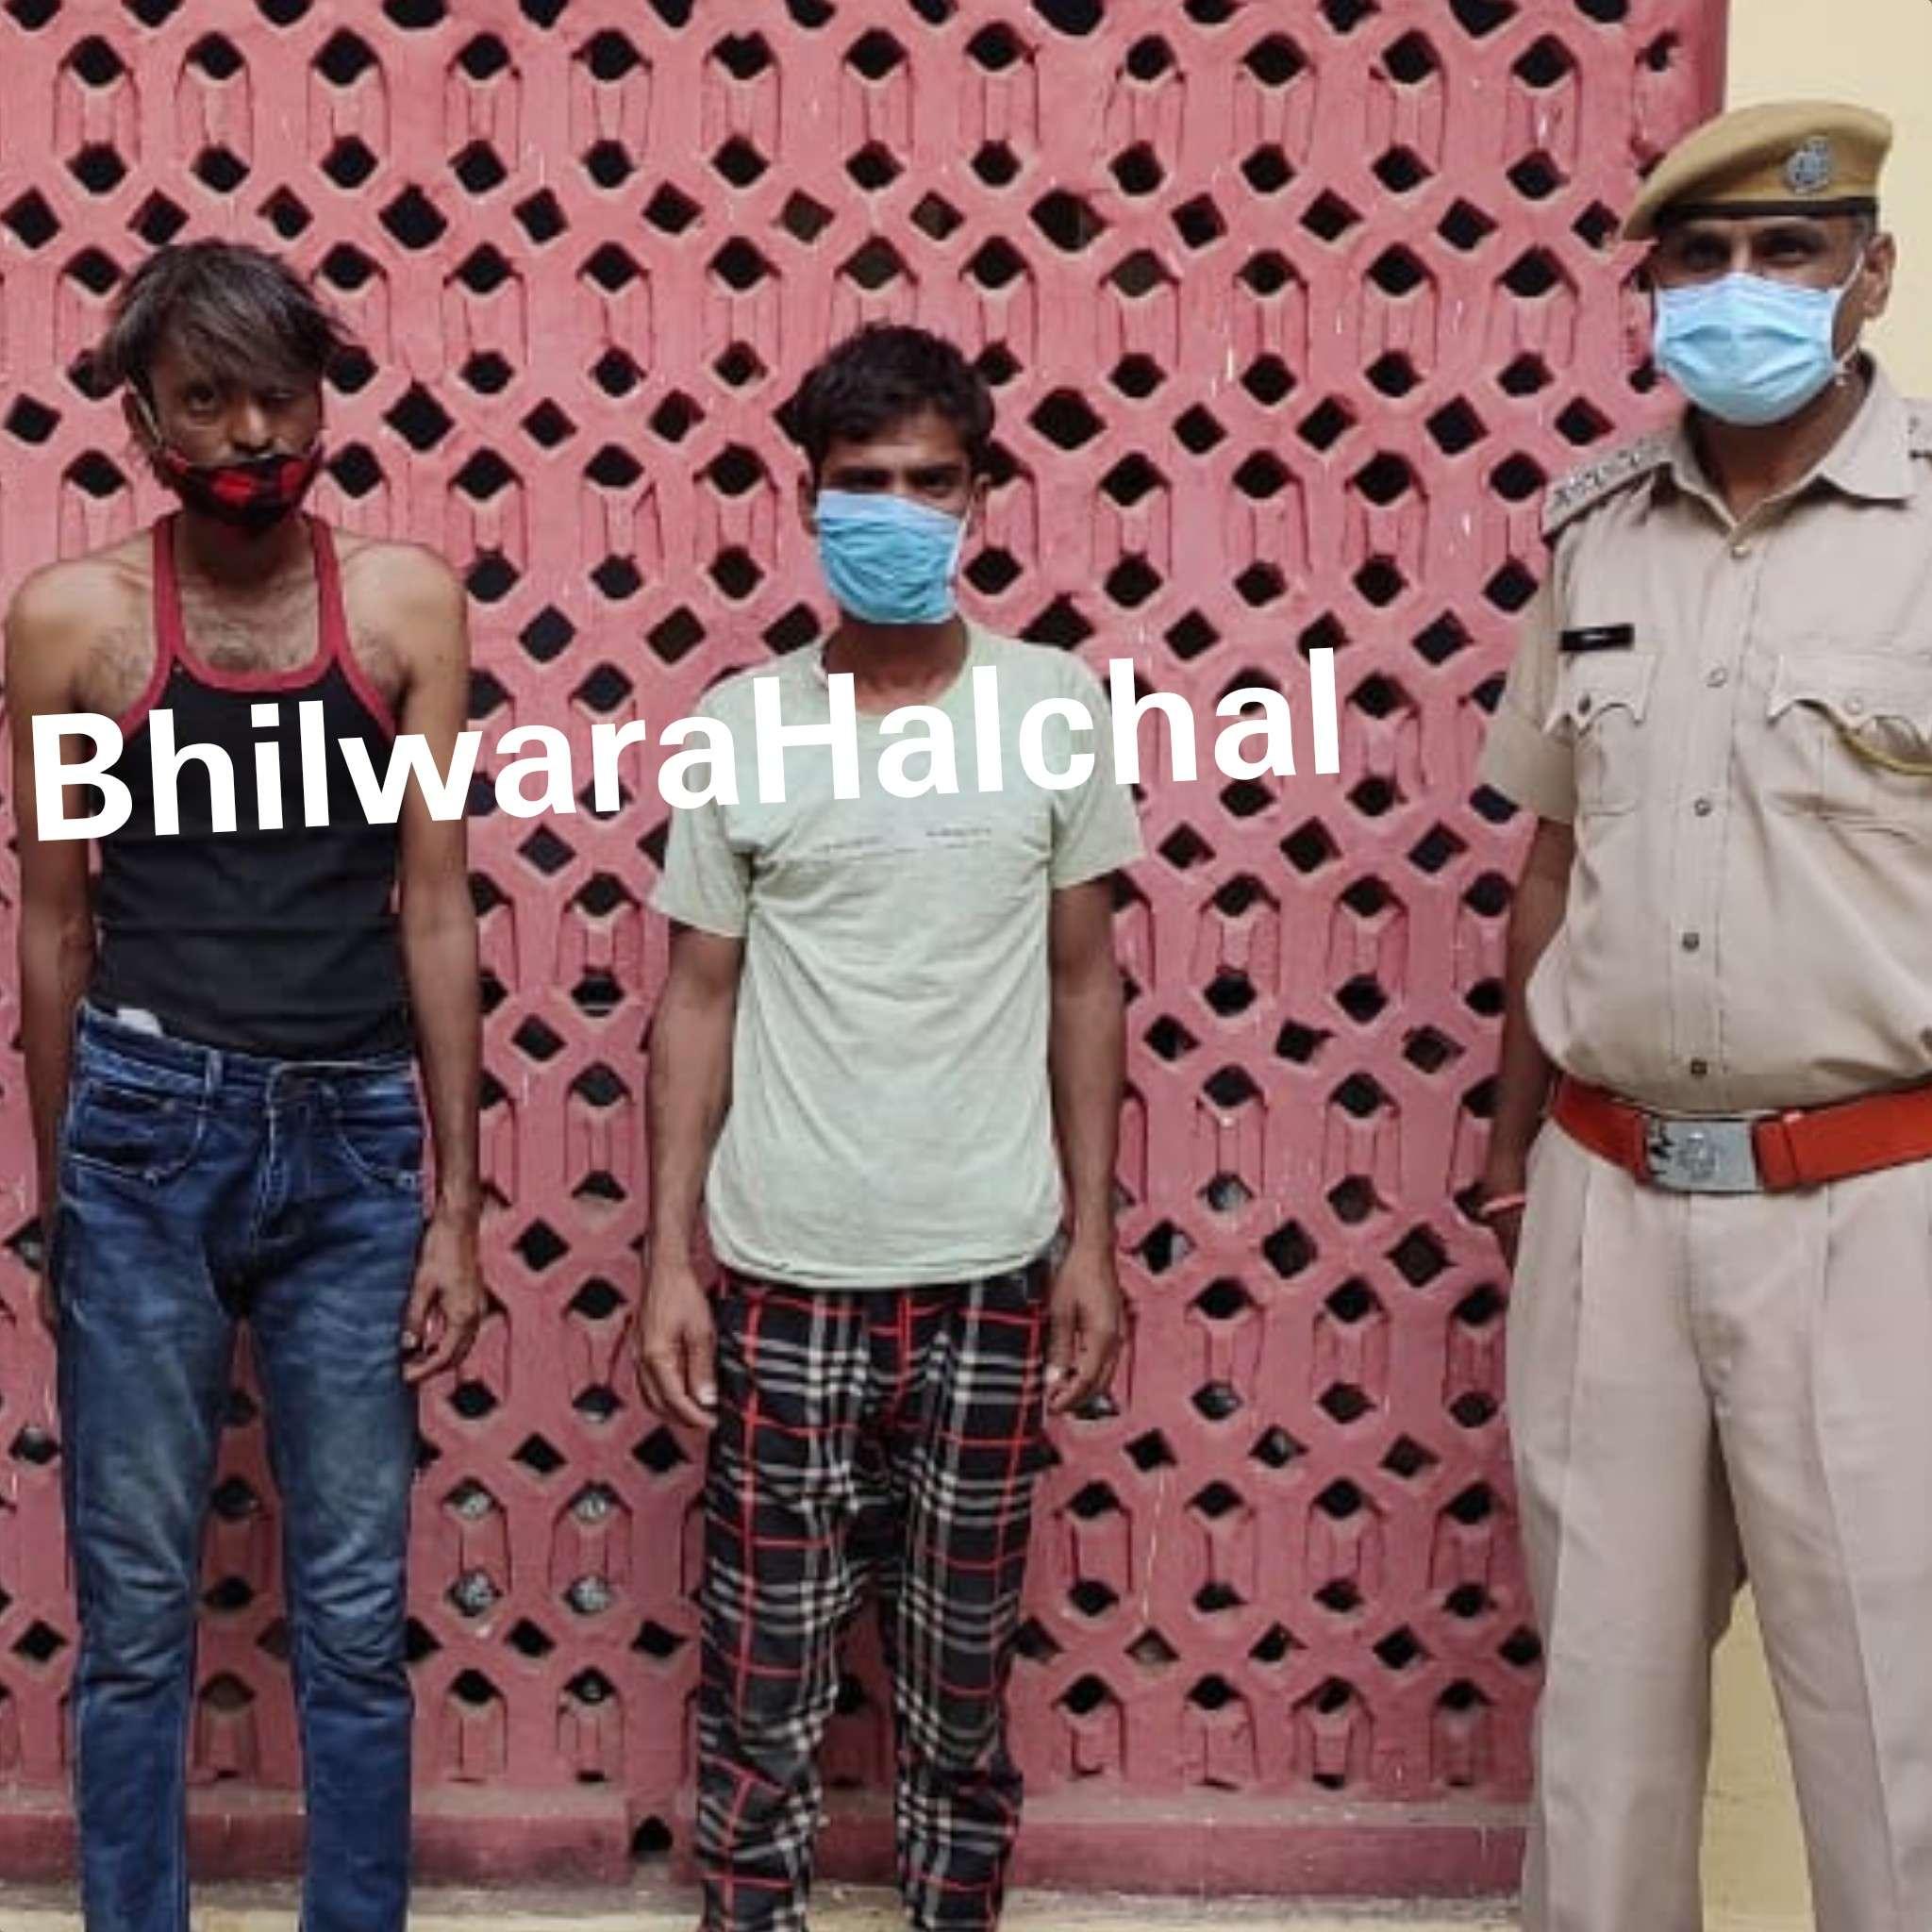 दिलशाद खान के कत्ल के दो आरोपित गिरफ्तार